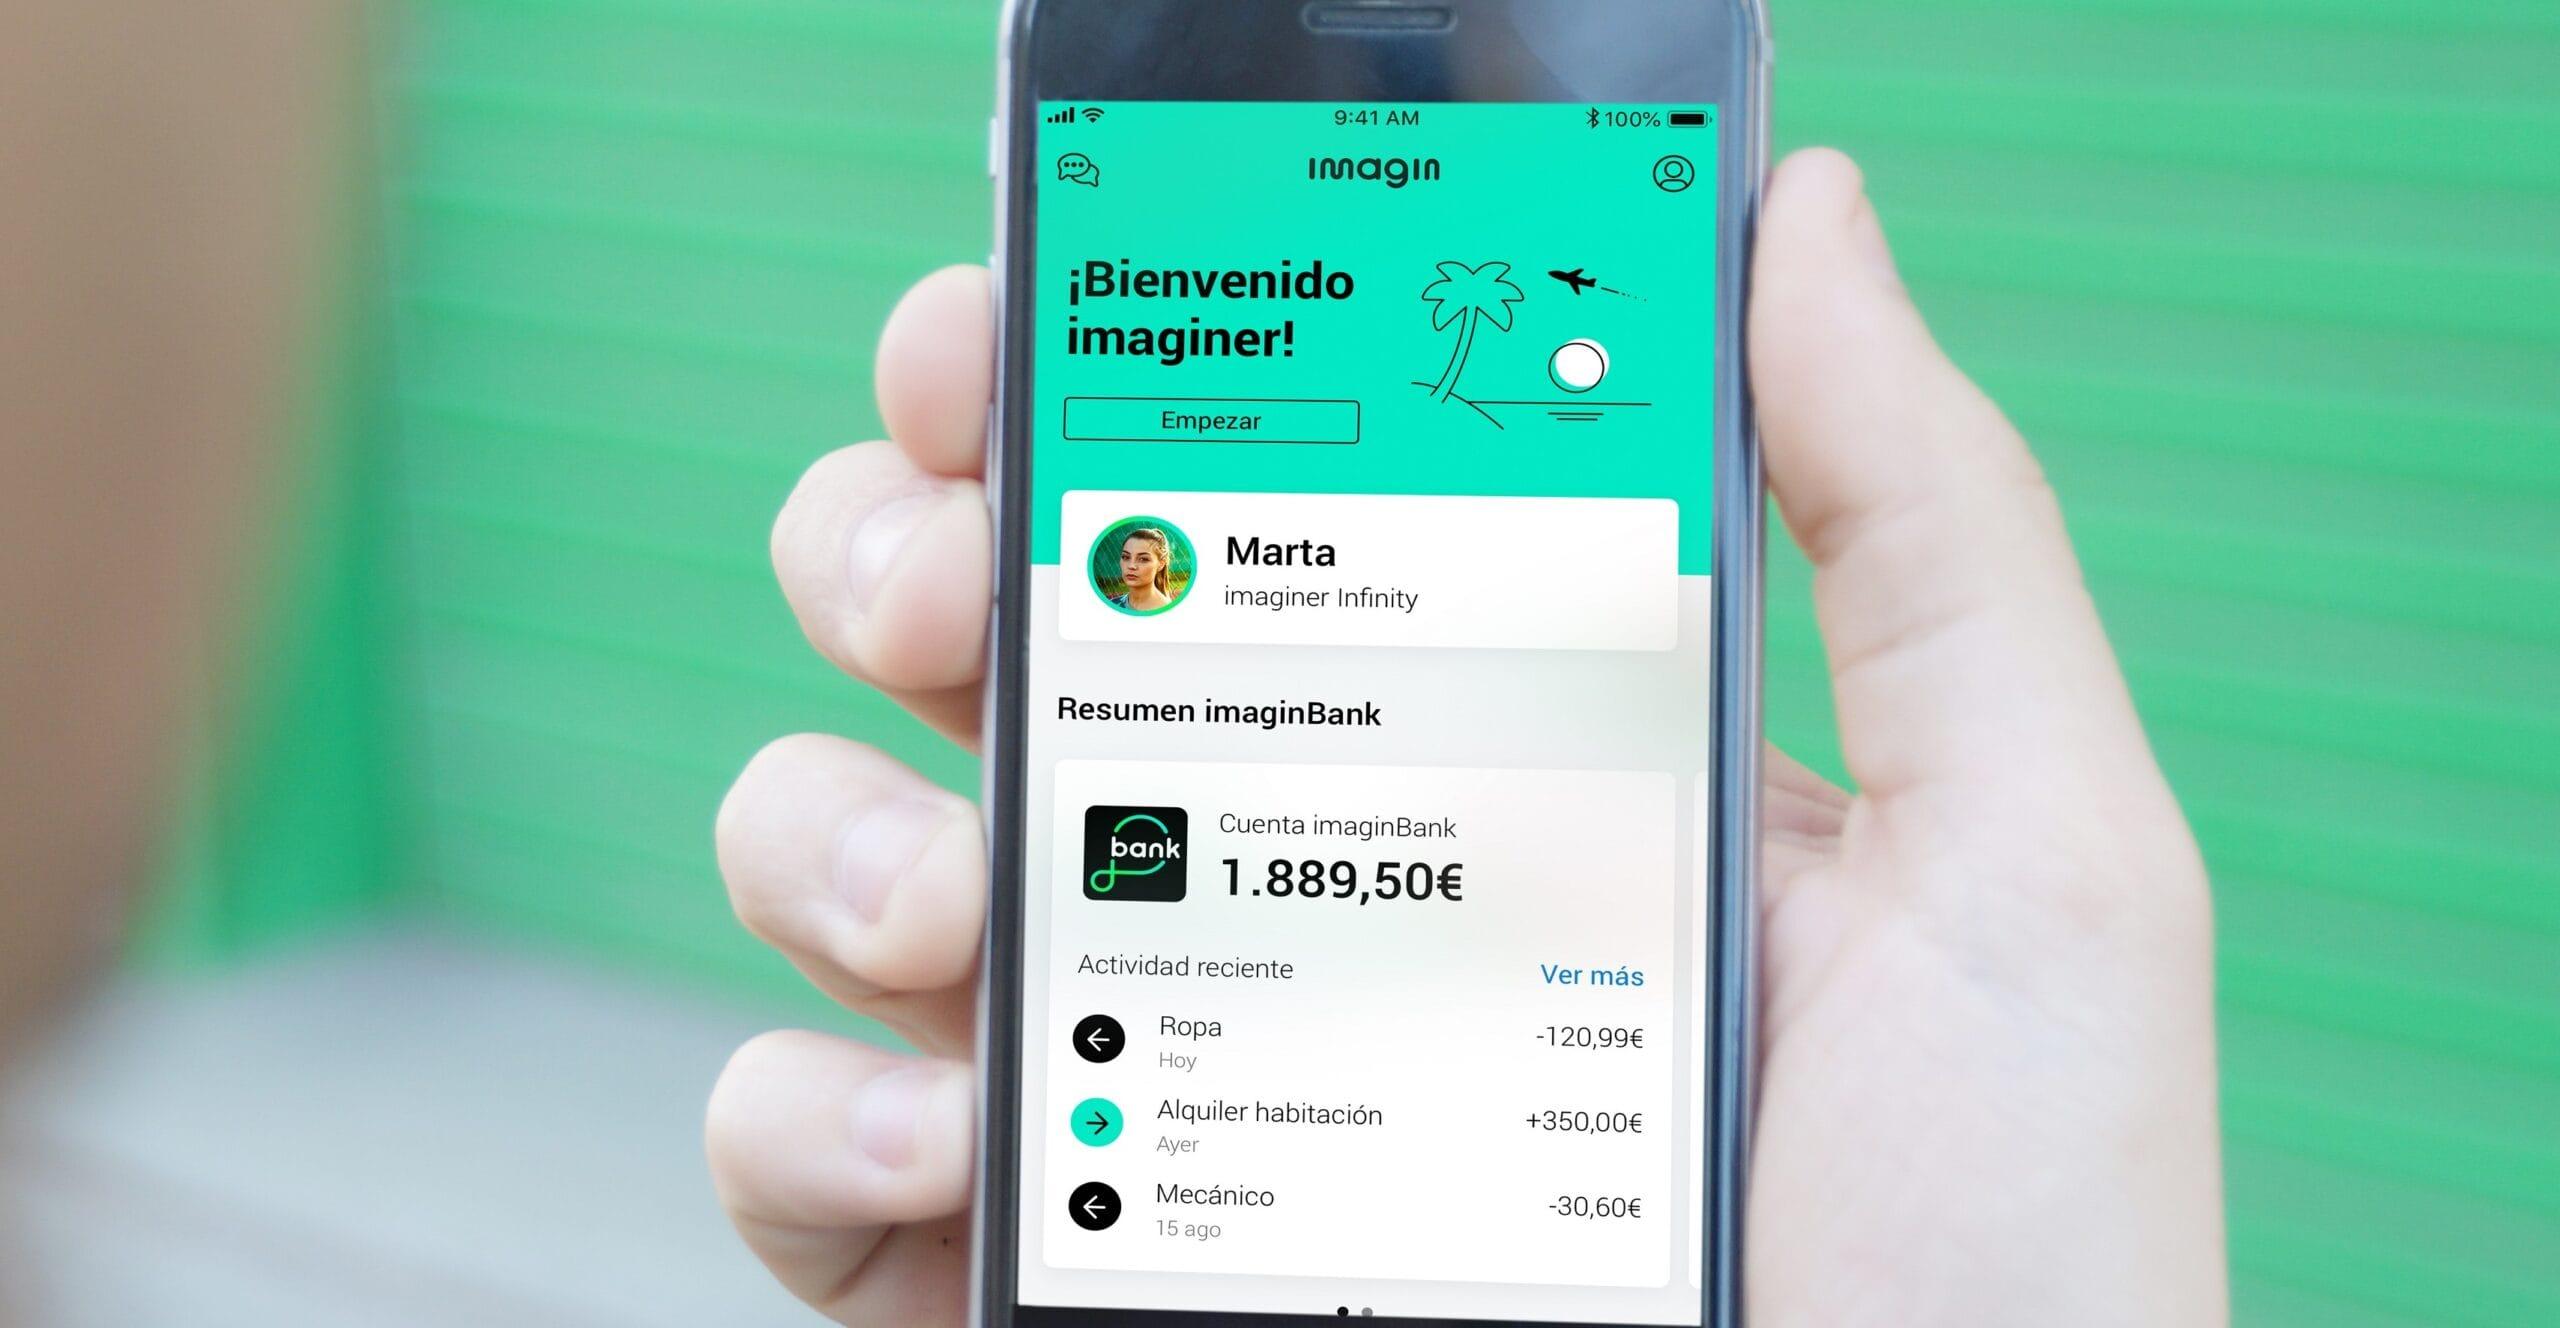 imagin aconsegueix els 3 milions d'usuaris i es consolida com a líder en serveis financers digitals per a joves